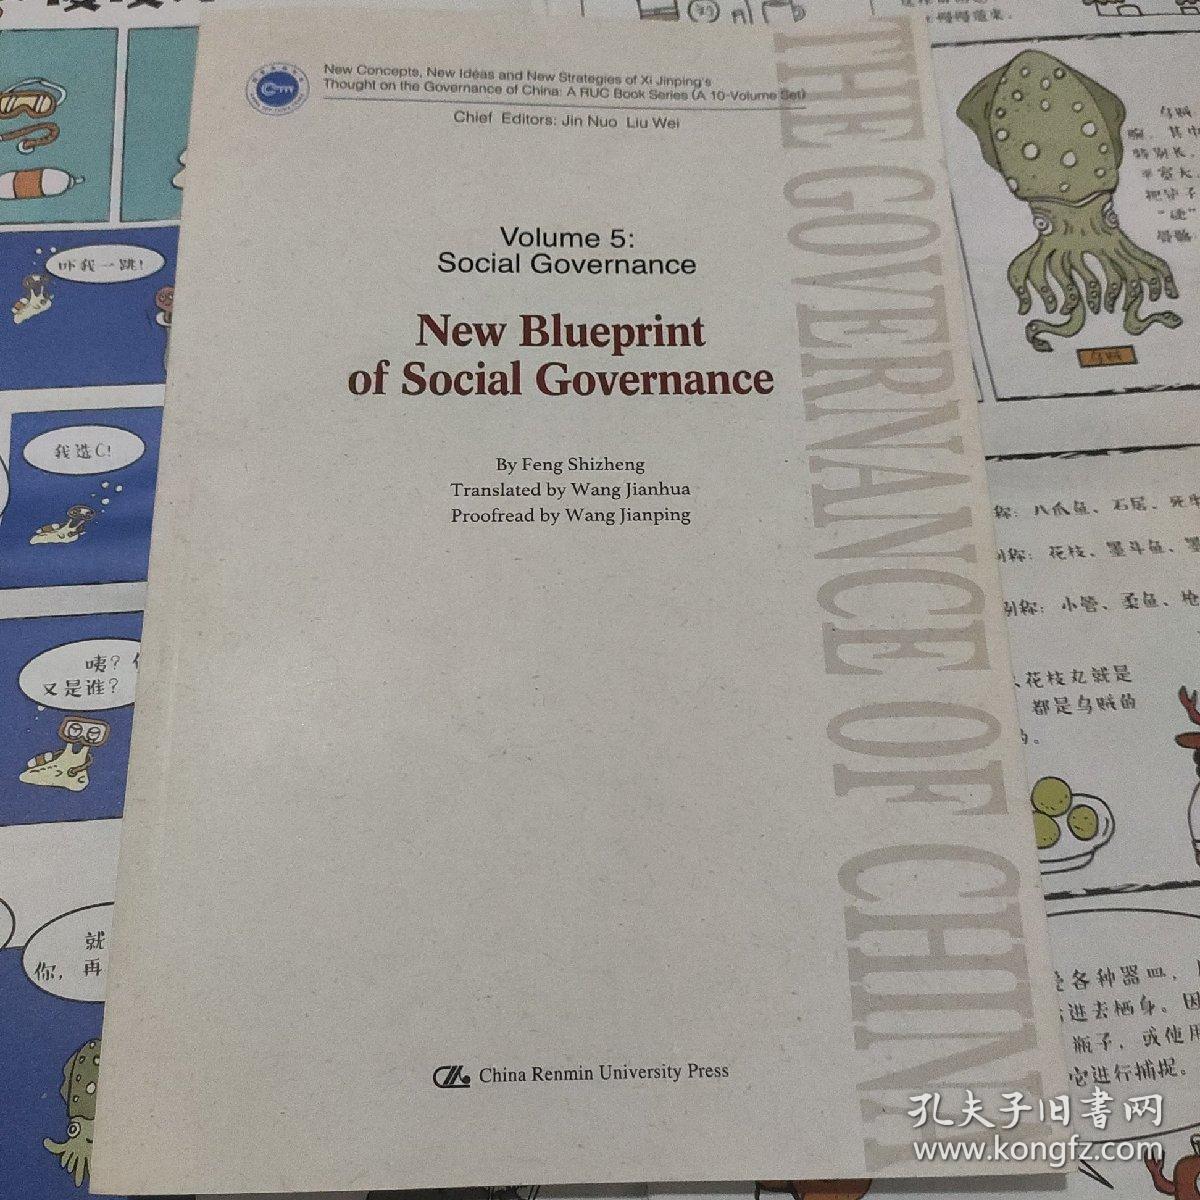 社会治理新蓝图(英文)